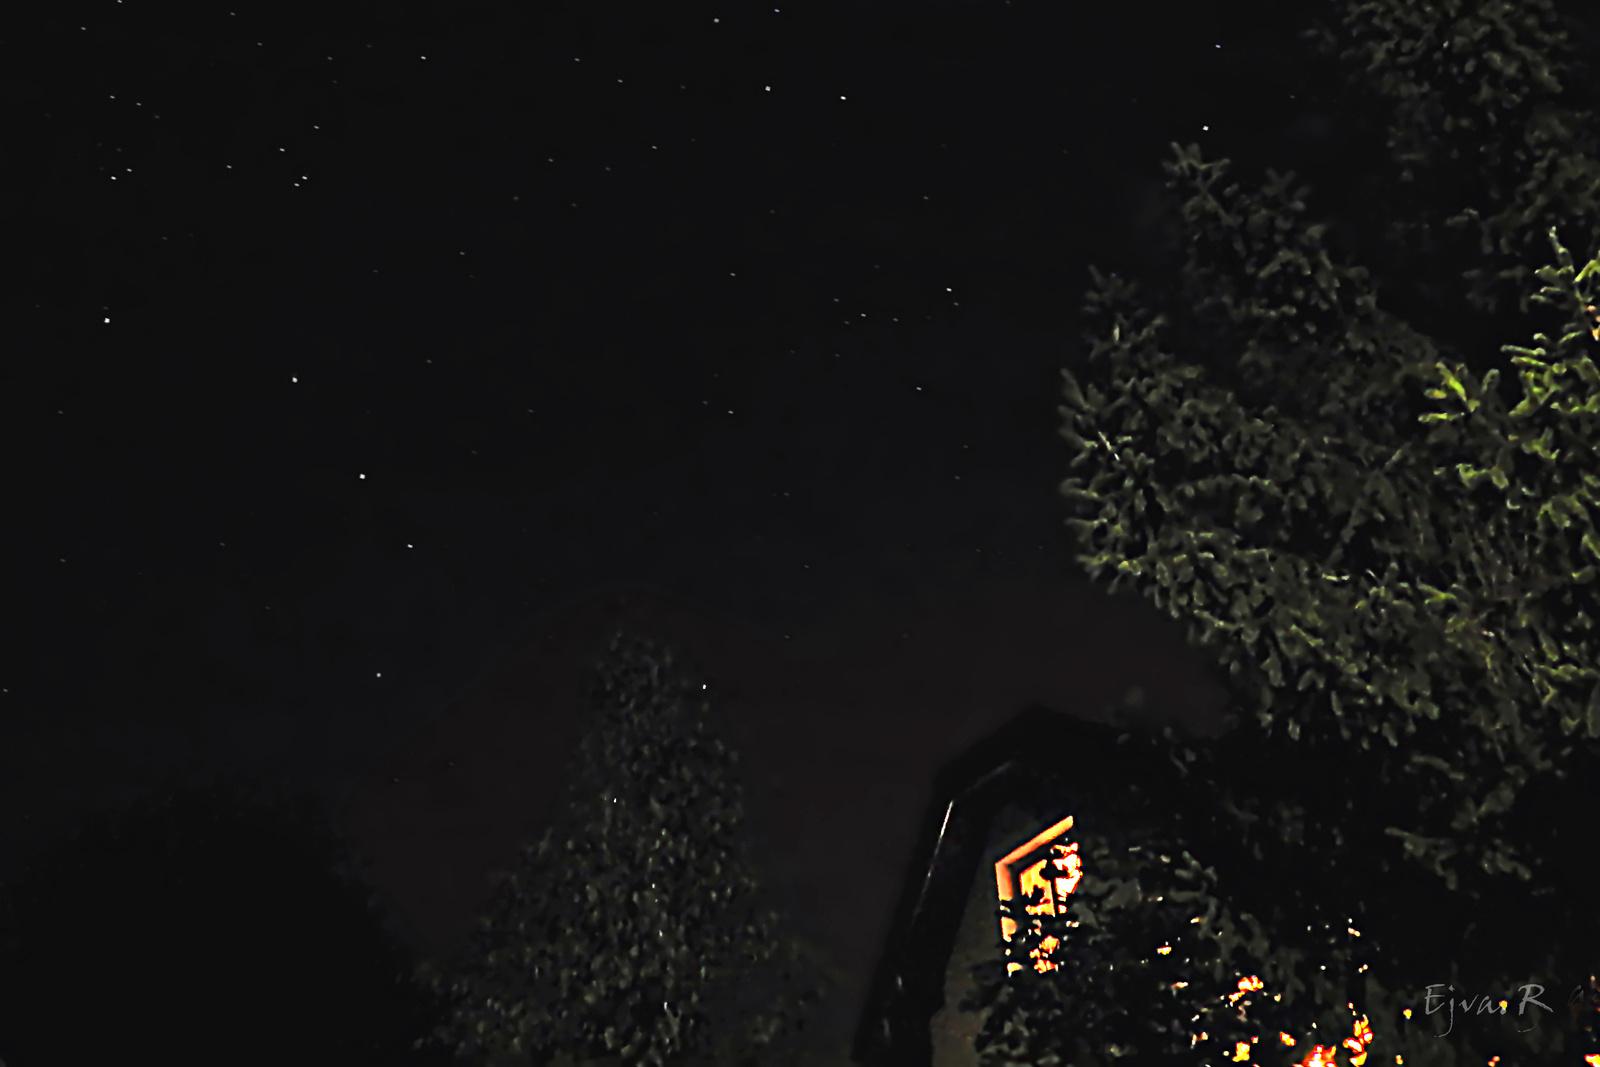 Csillagok a házak felett